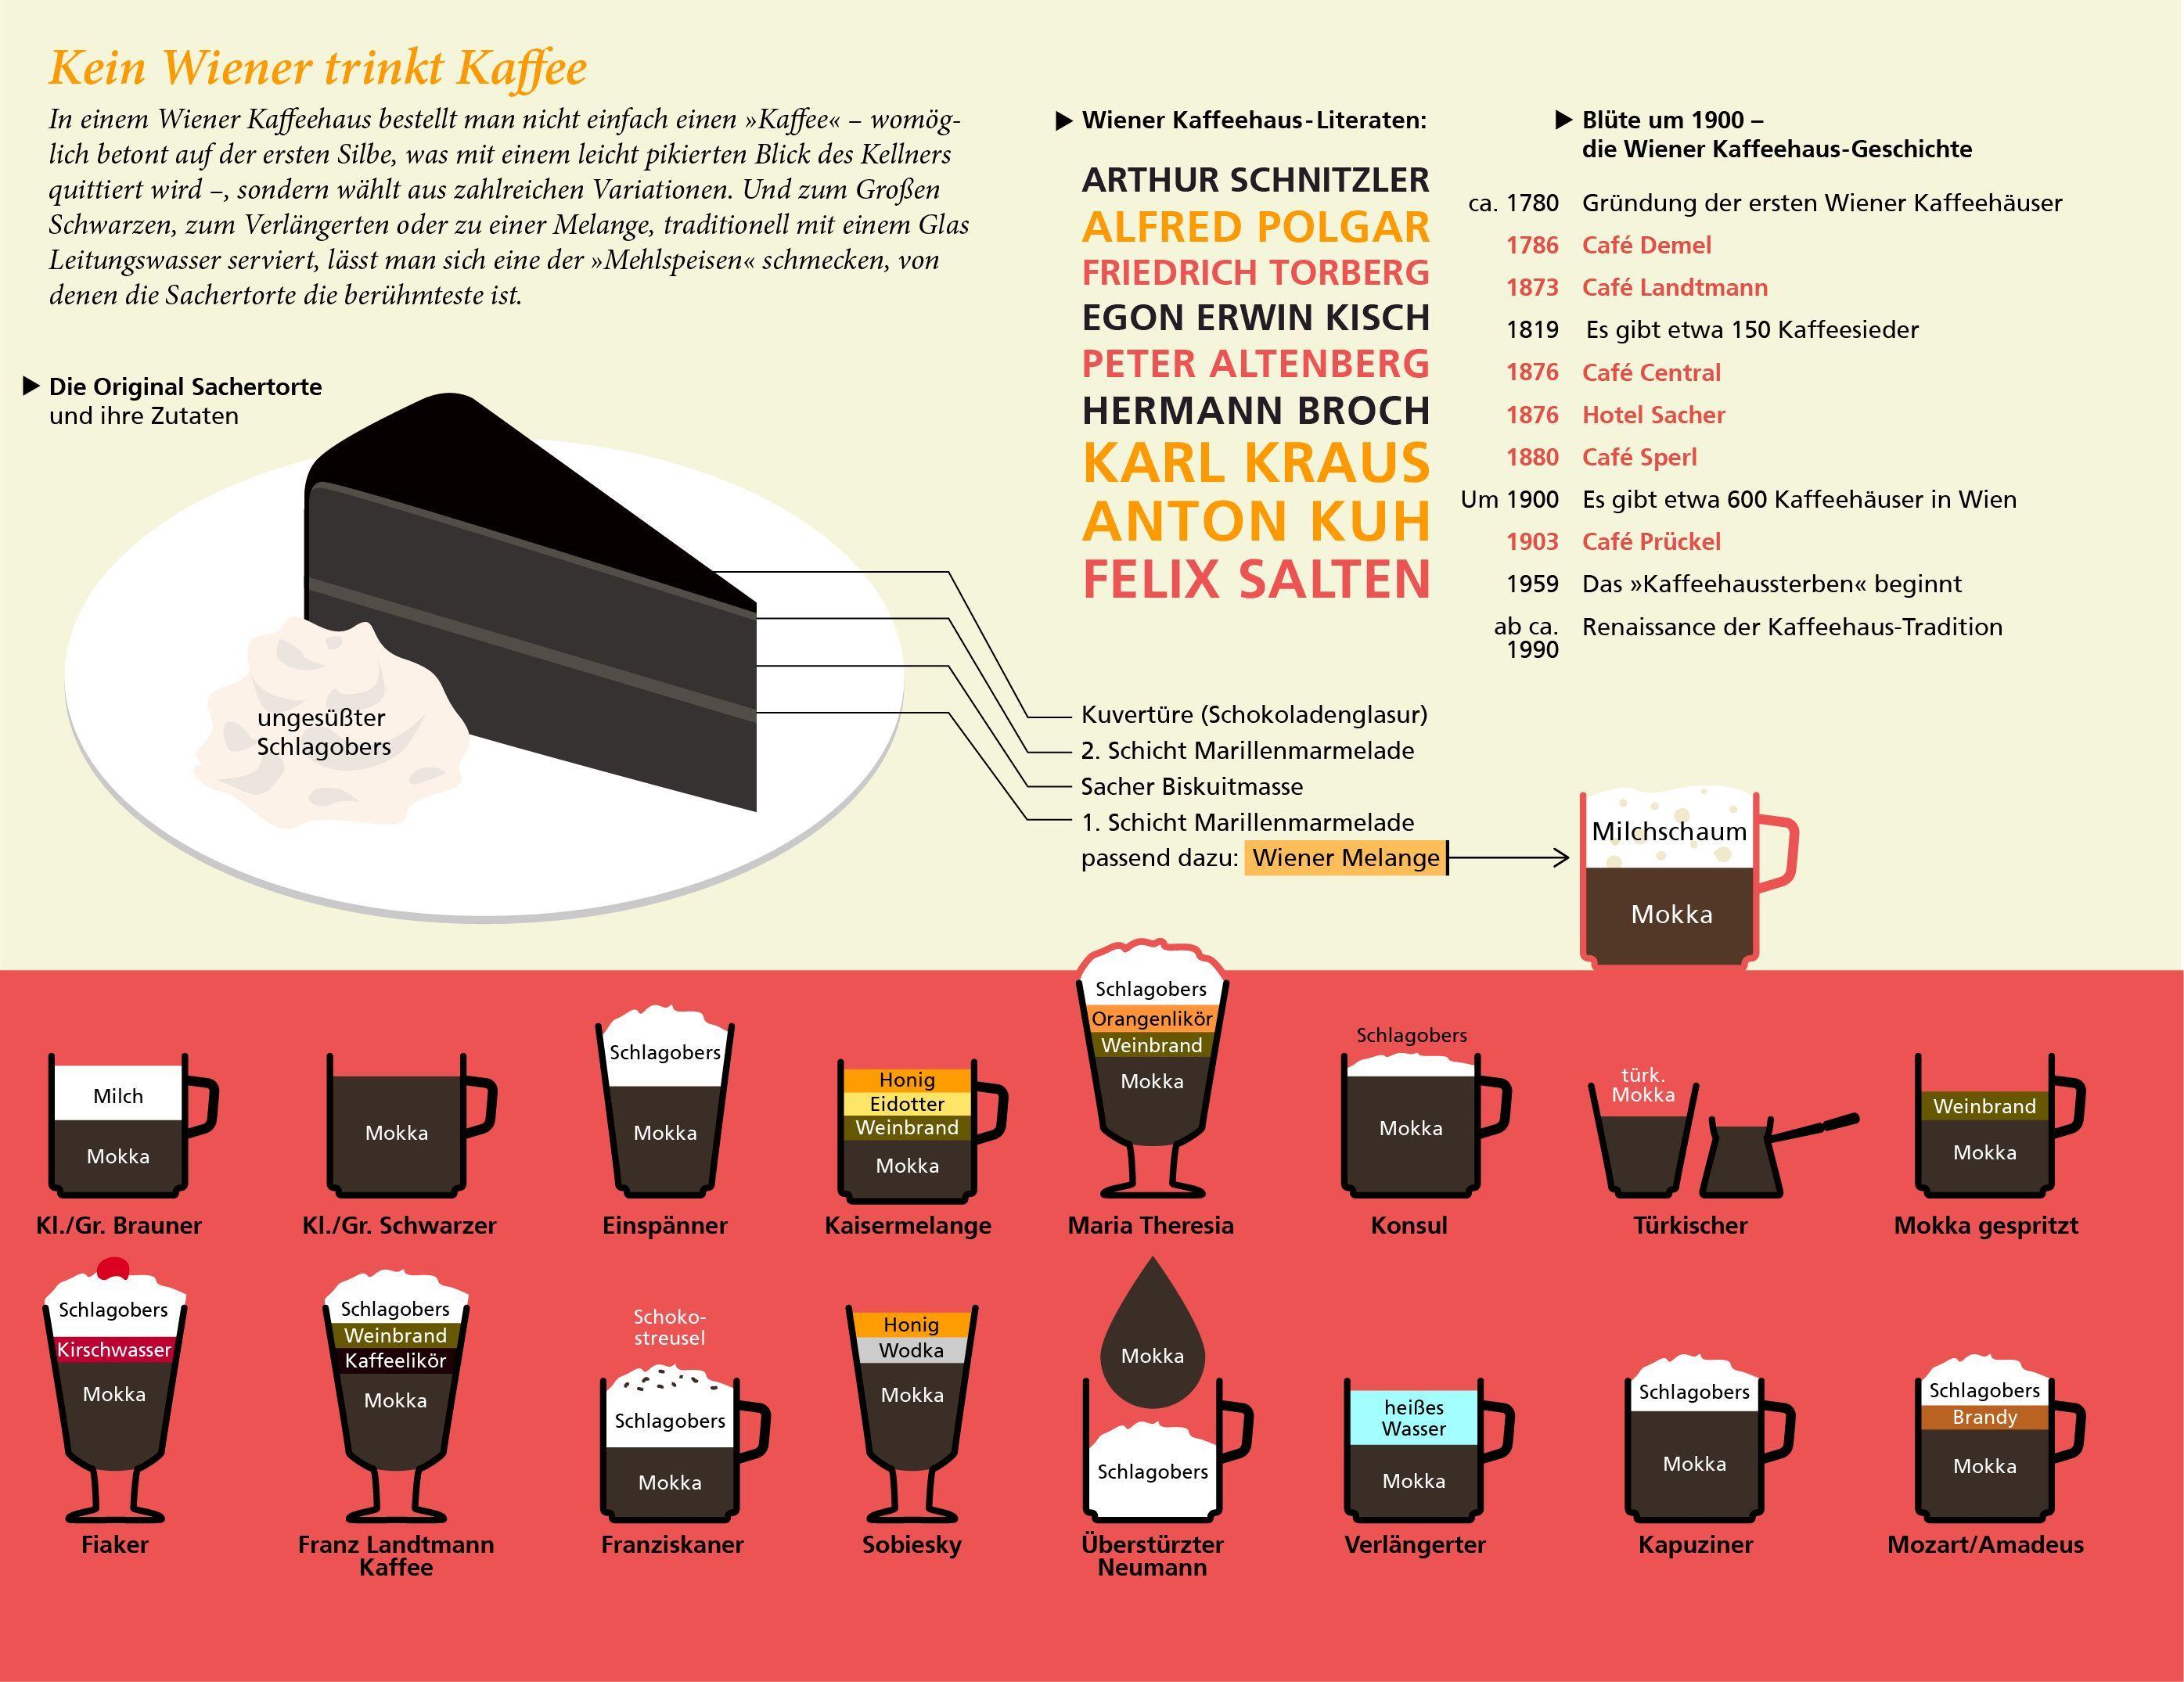 http://www.mairdumont.com/wp-content/uploads/2013/08/Infografik-Wien-Kaffeekultur.jpg